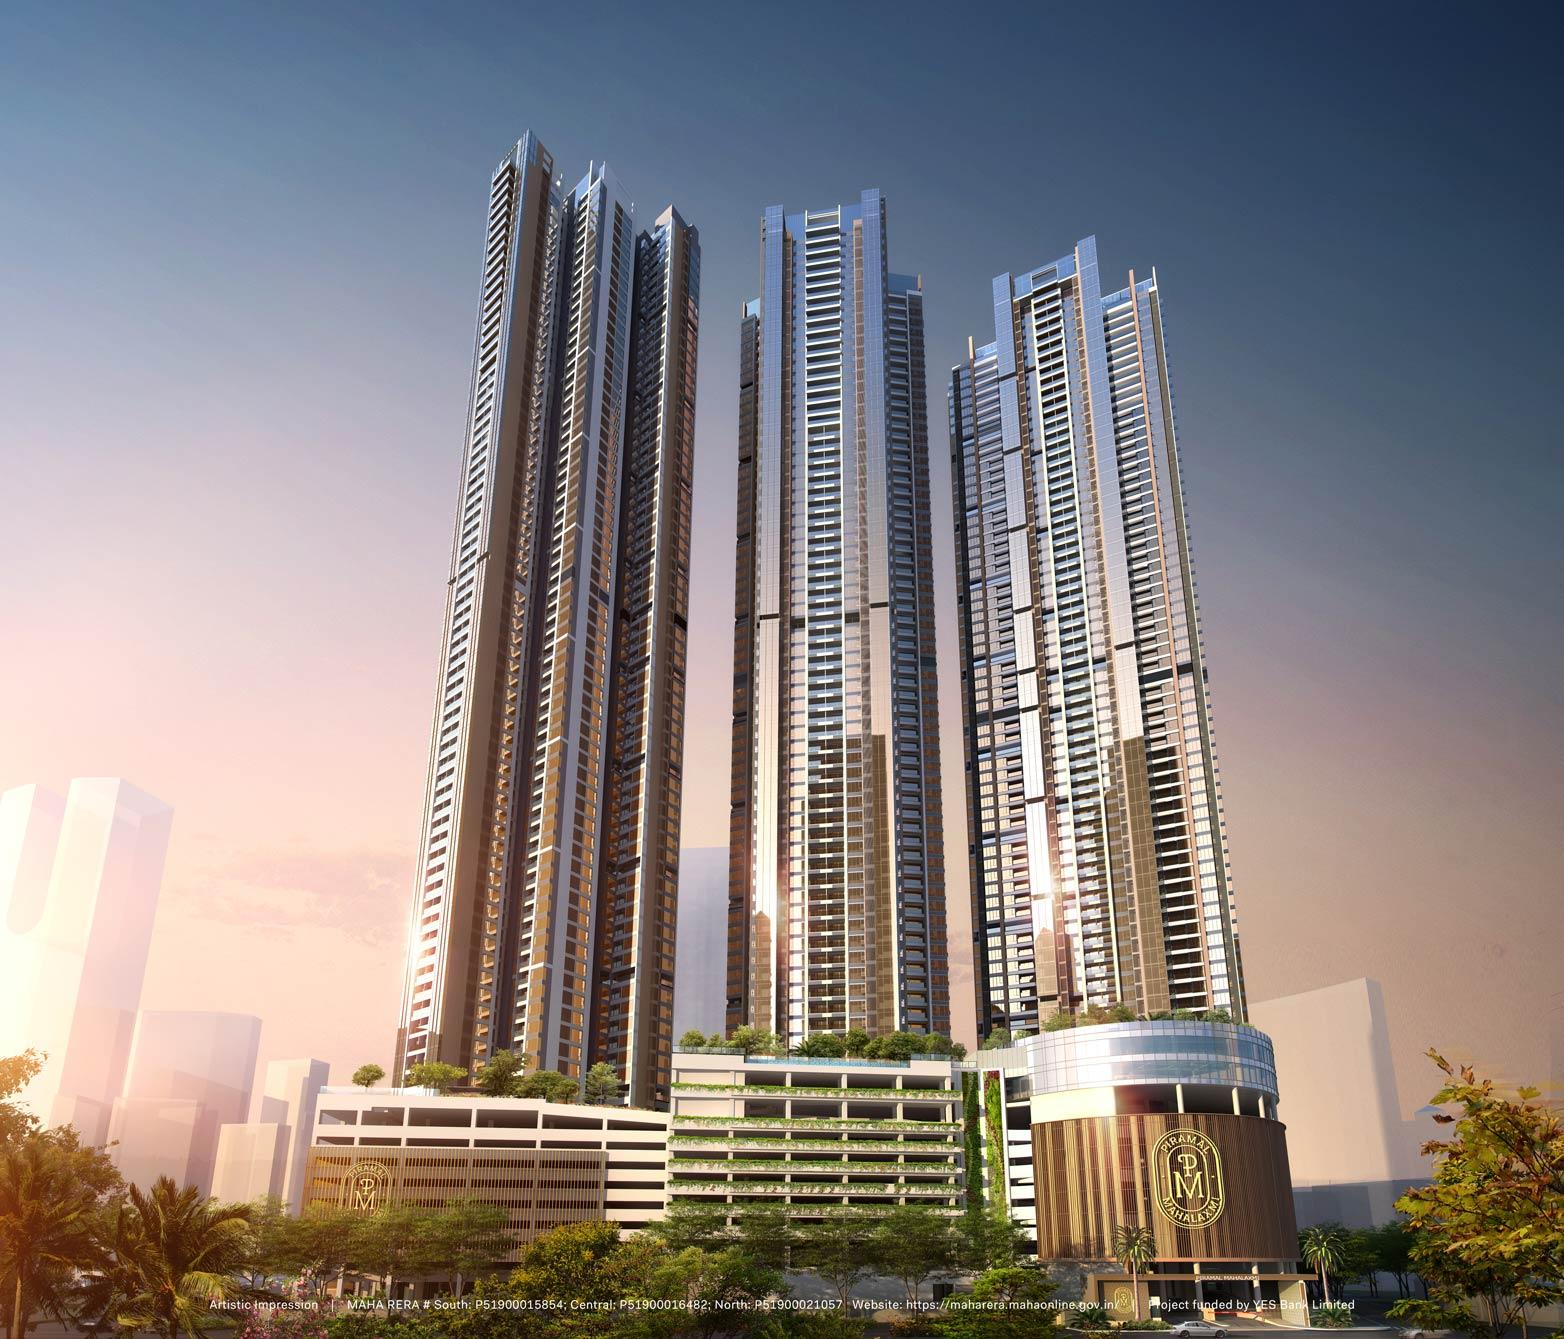 Piramal Realty launches Tower III North Tower at Piramal Mahalaxmi South Mumbai